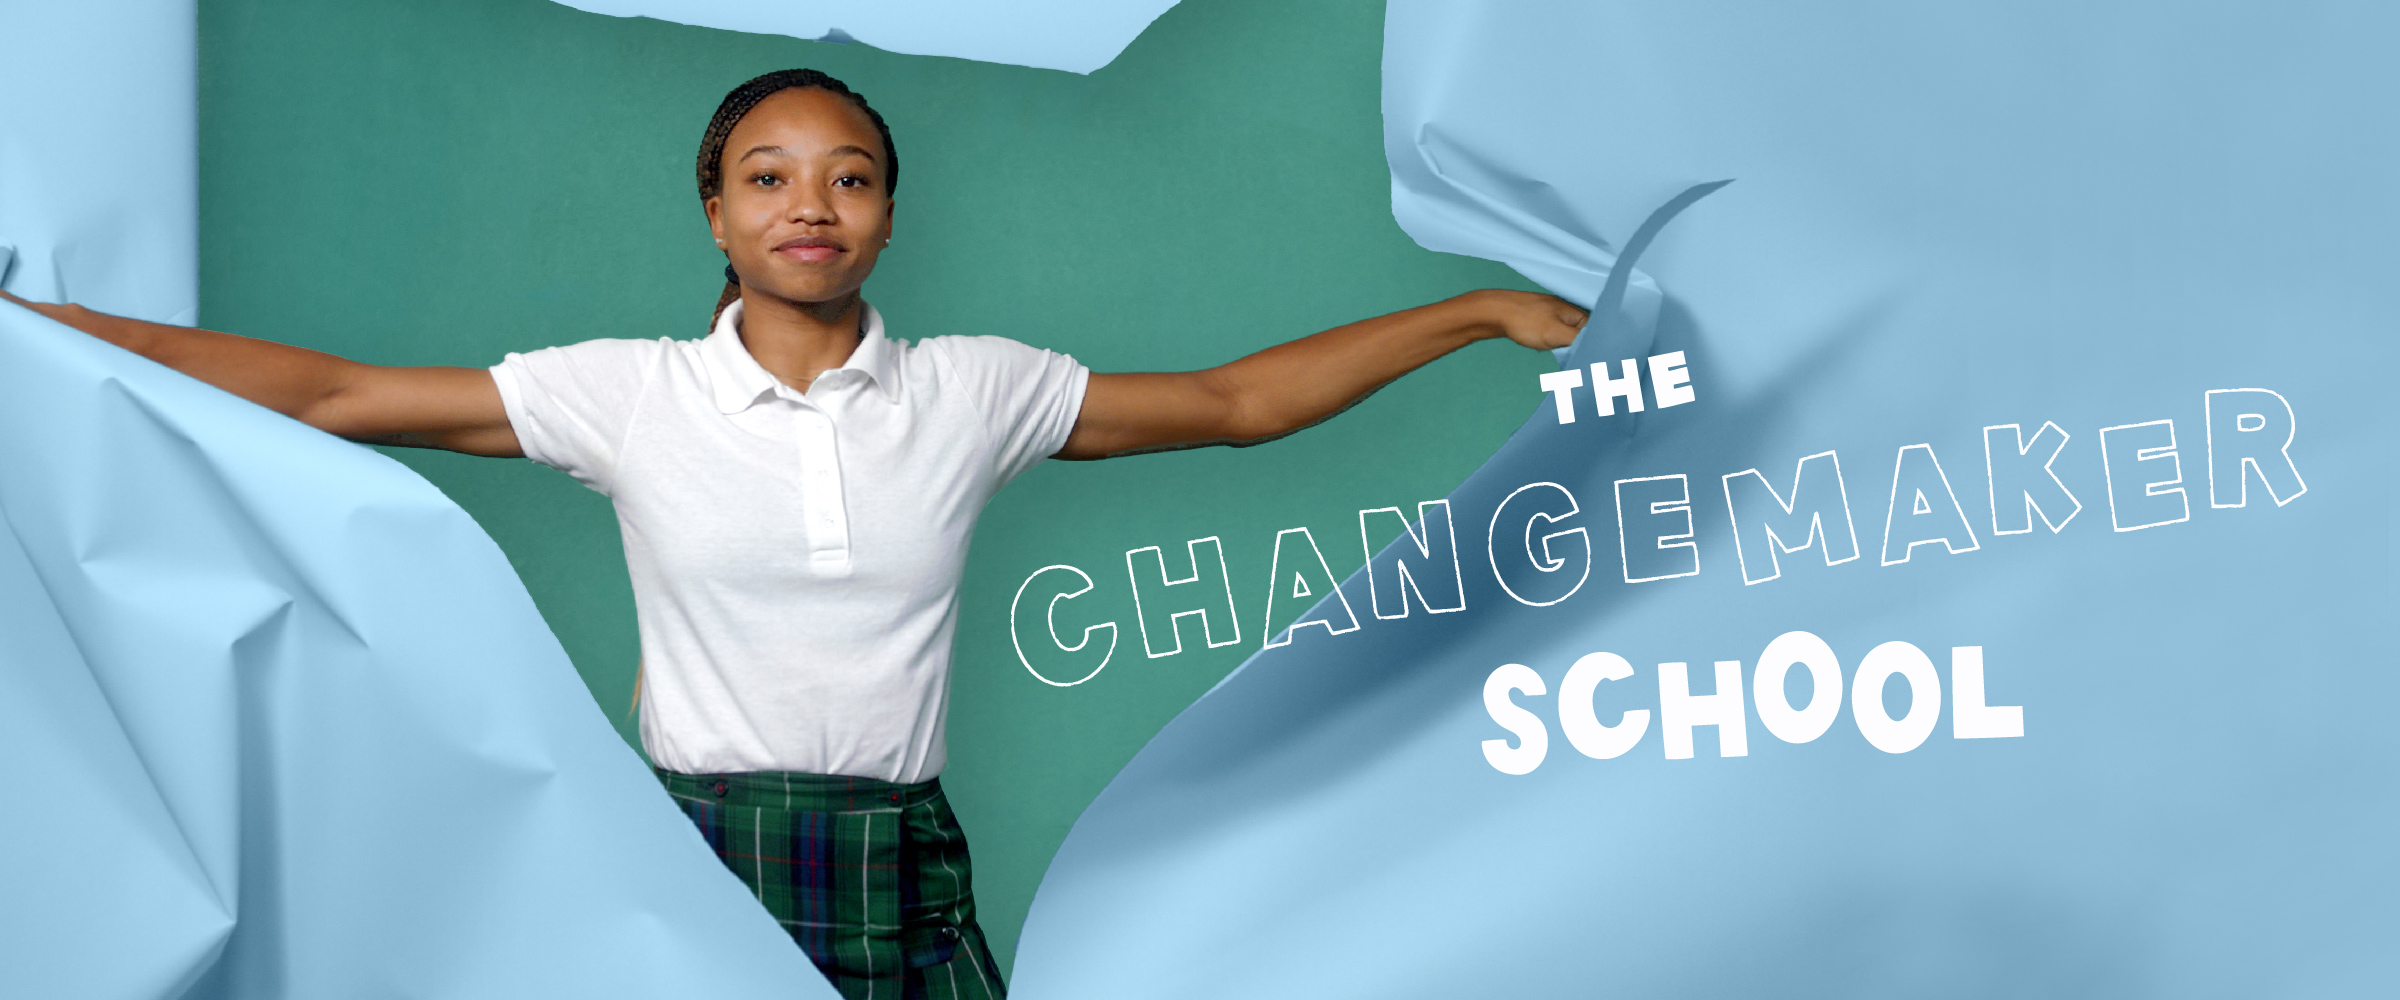 The Changemaker School